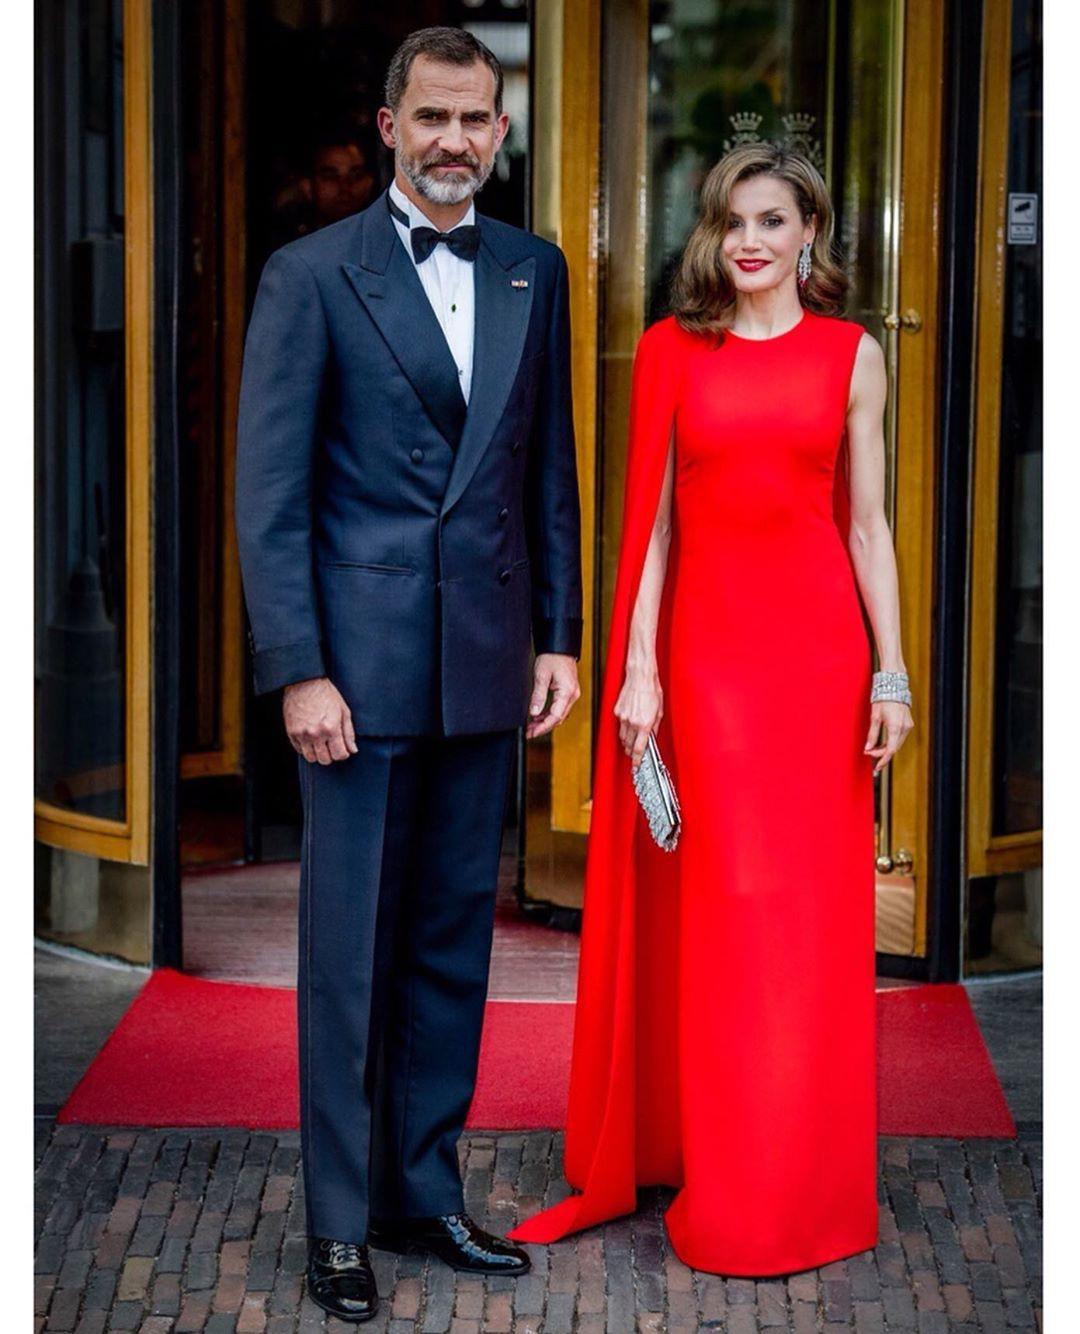 Sở hữu cánh tay săn chắc lực điền nhưng Hoàng hậu Tây Ban Nha lại được khen ngợi hết lời khi diện váy áo sát nách - Ảnh 8.